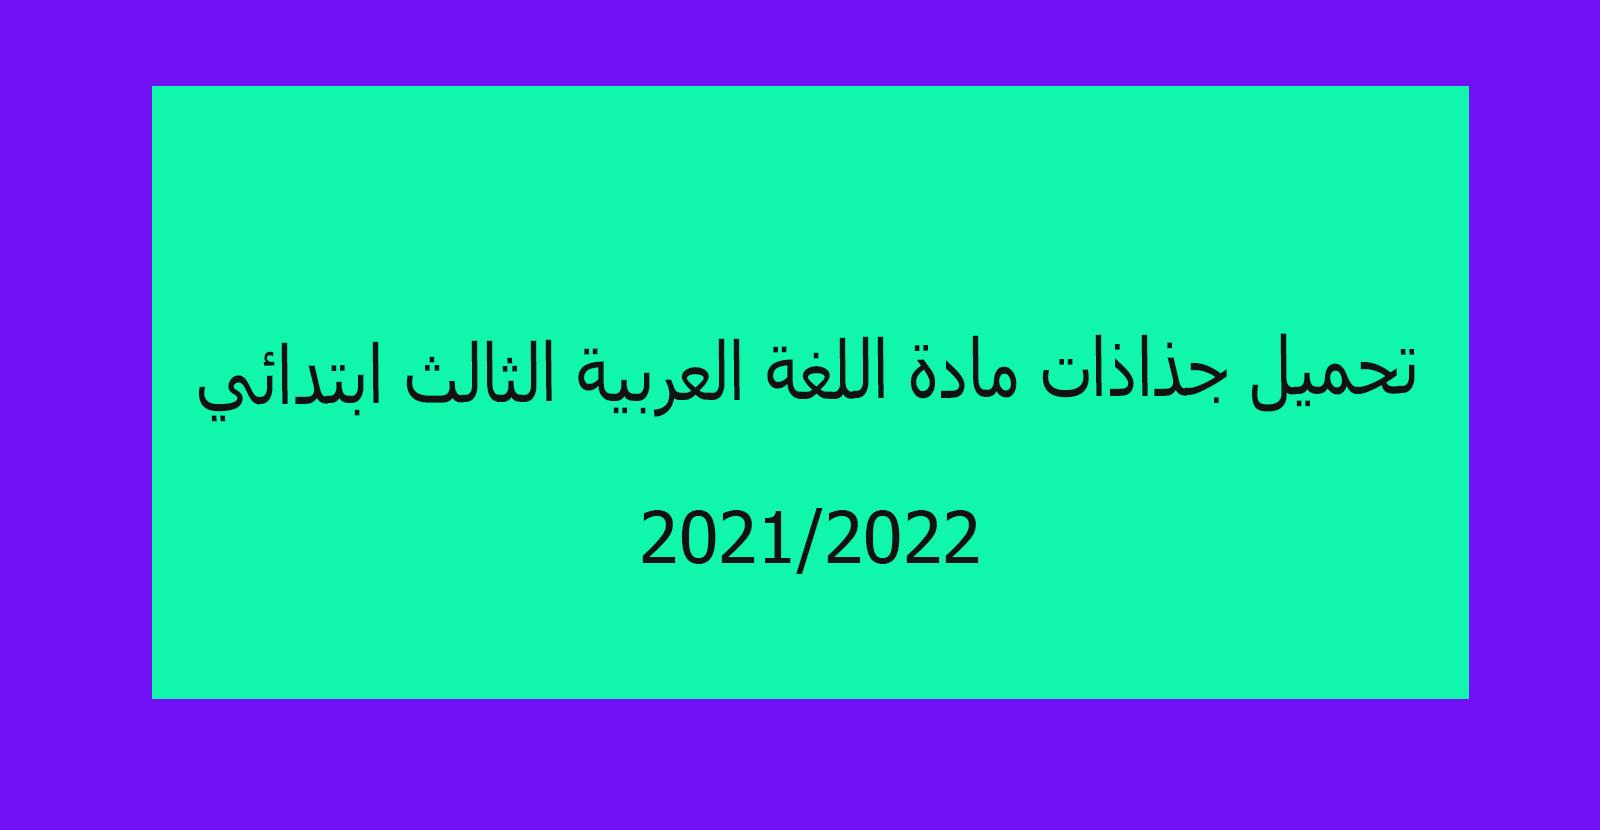 تحميل جذاذات مادة اللغة العربية الثالث ابتدائي